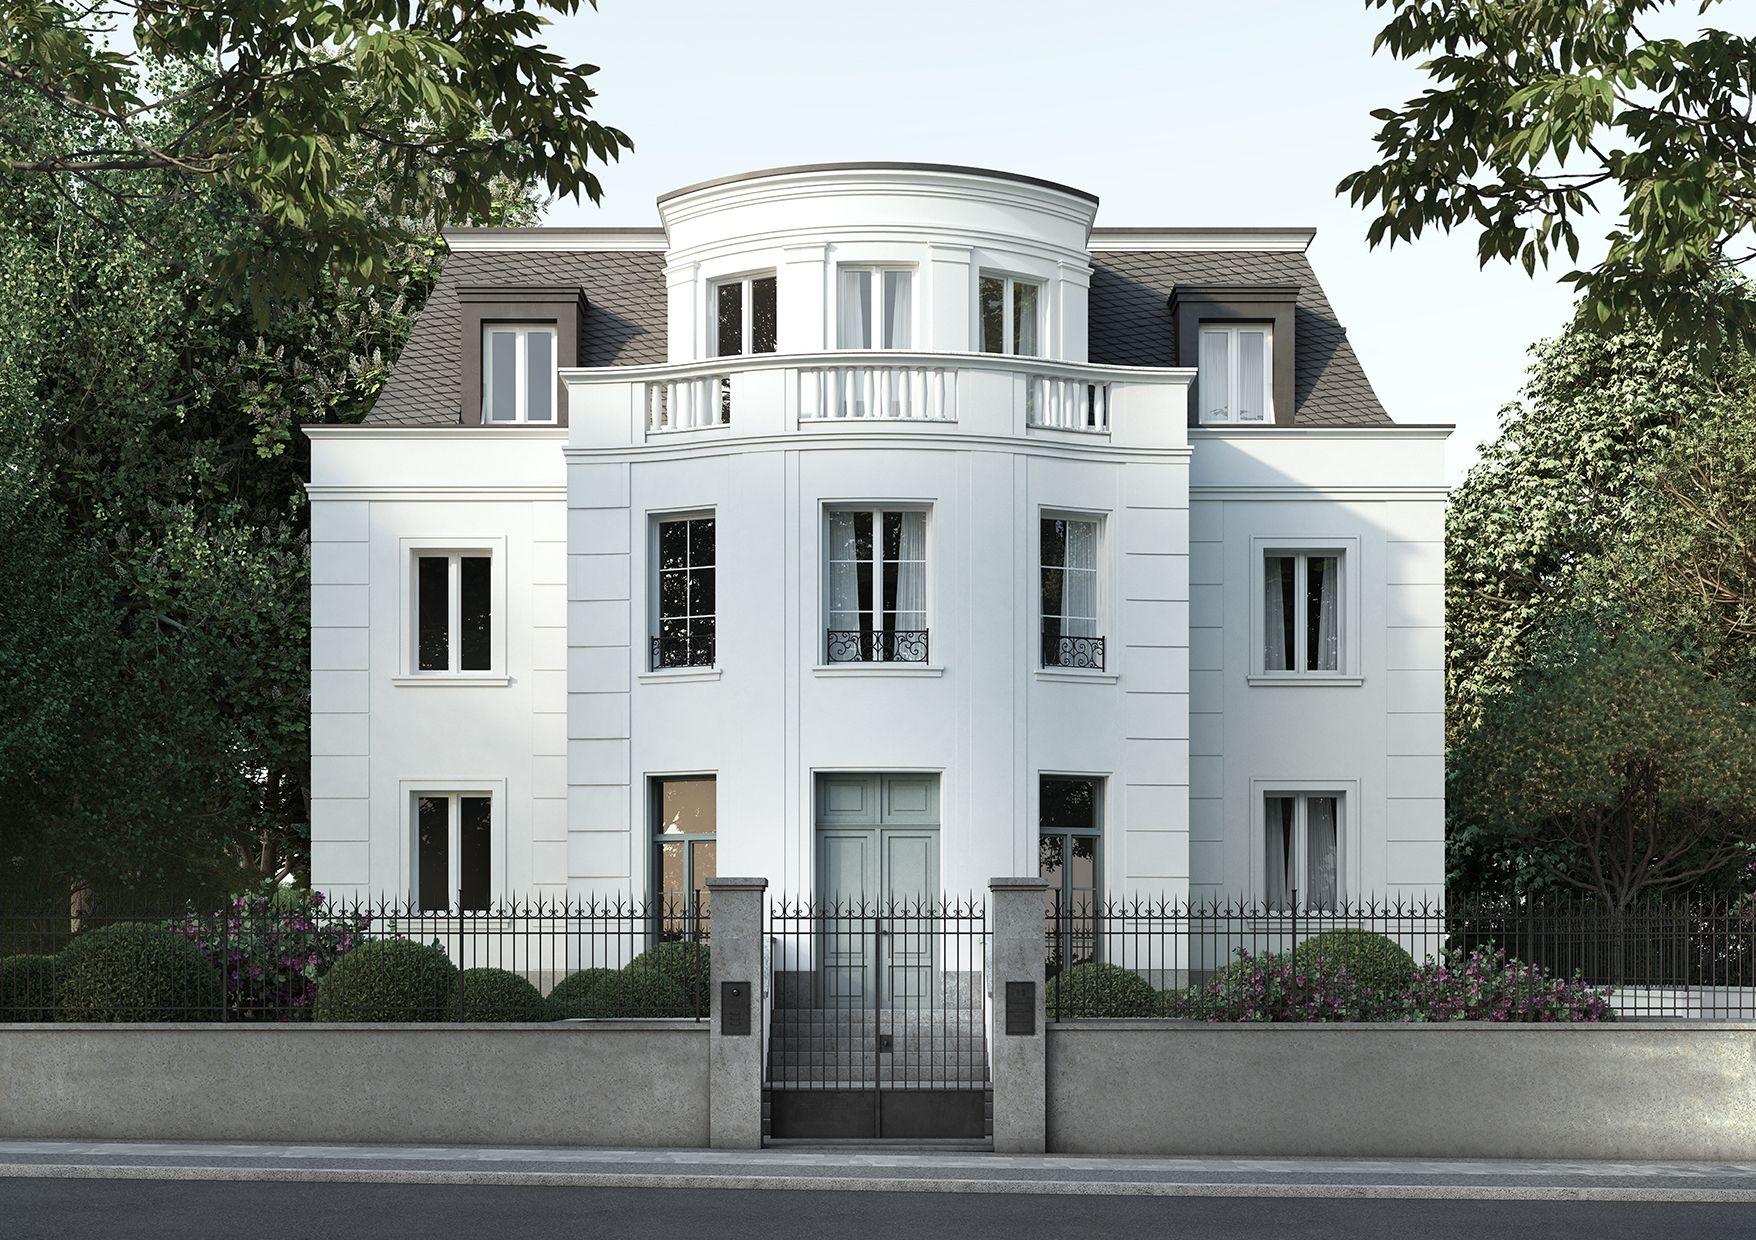 Mehrfamilienhaus mit 3 Wohneinheiten, Berlin Grunewald ...